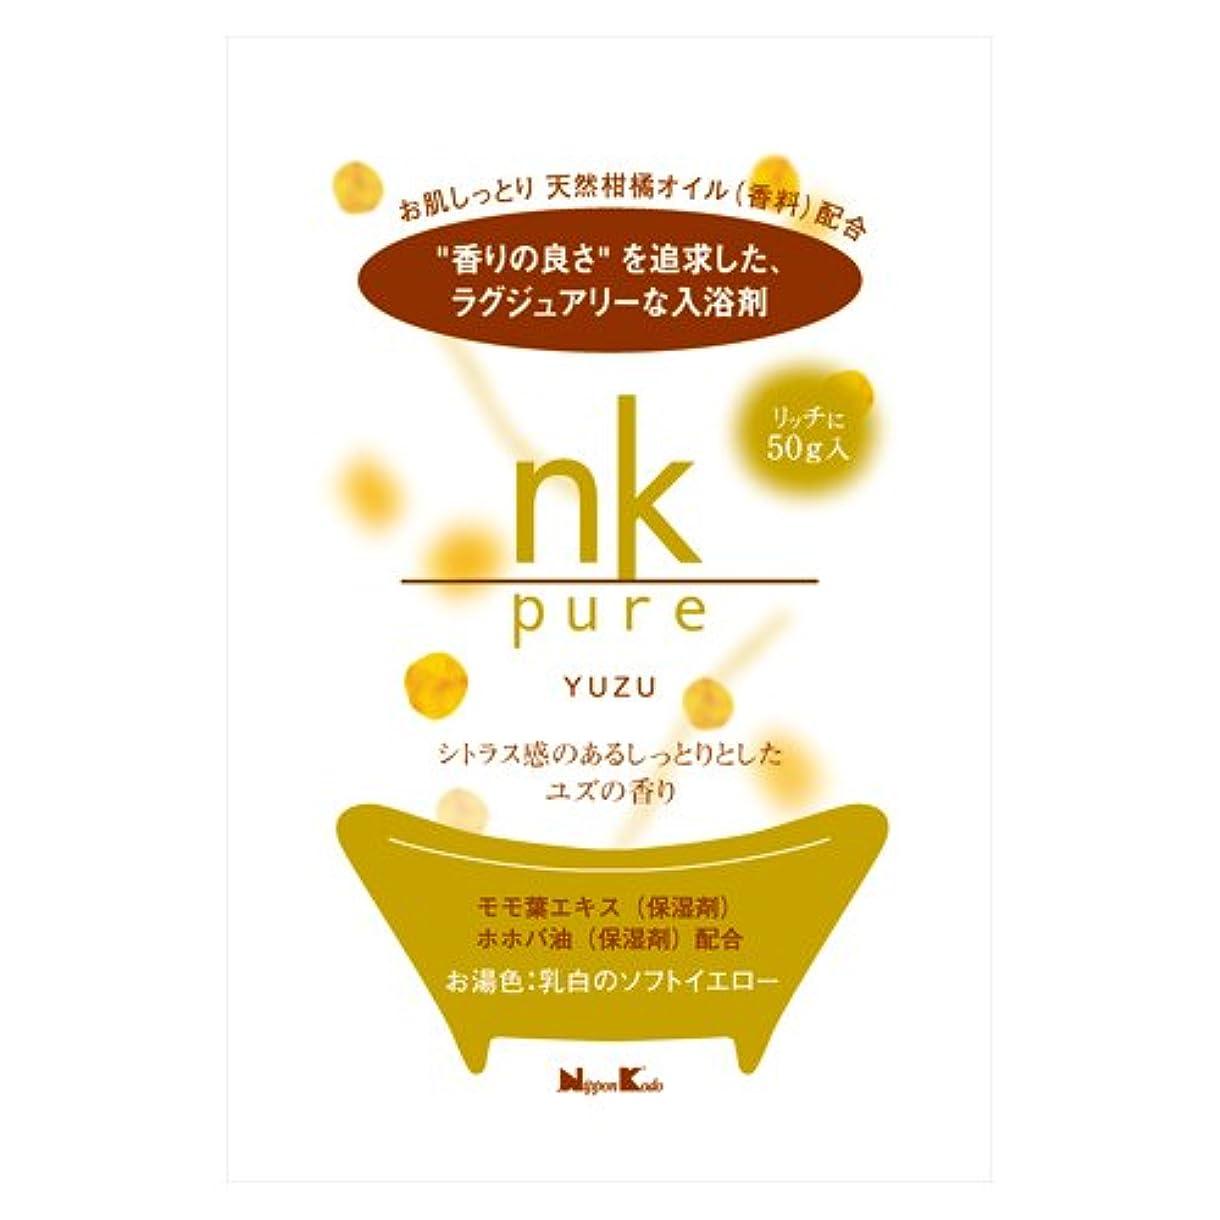 ゲートウェイブローホールプラス【X10個セット】 nk pure 入浴剤 ユズ 50g